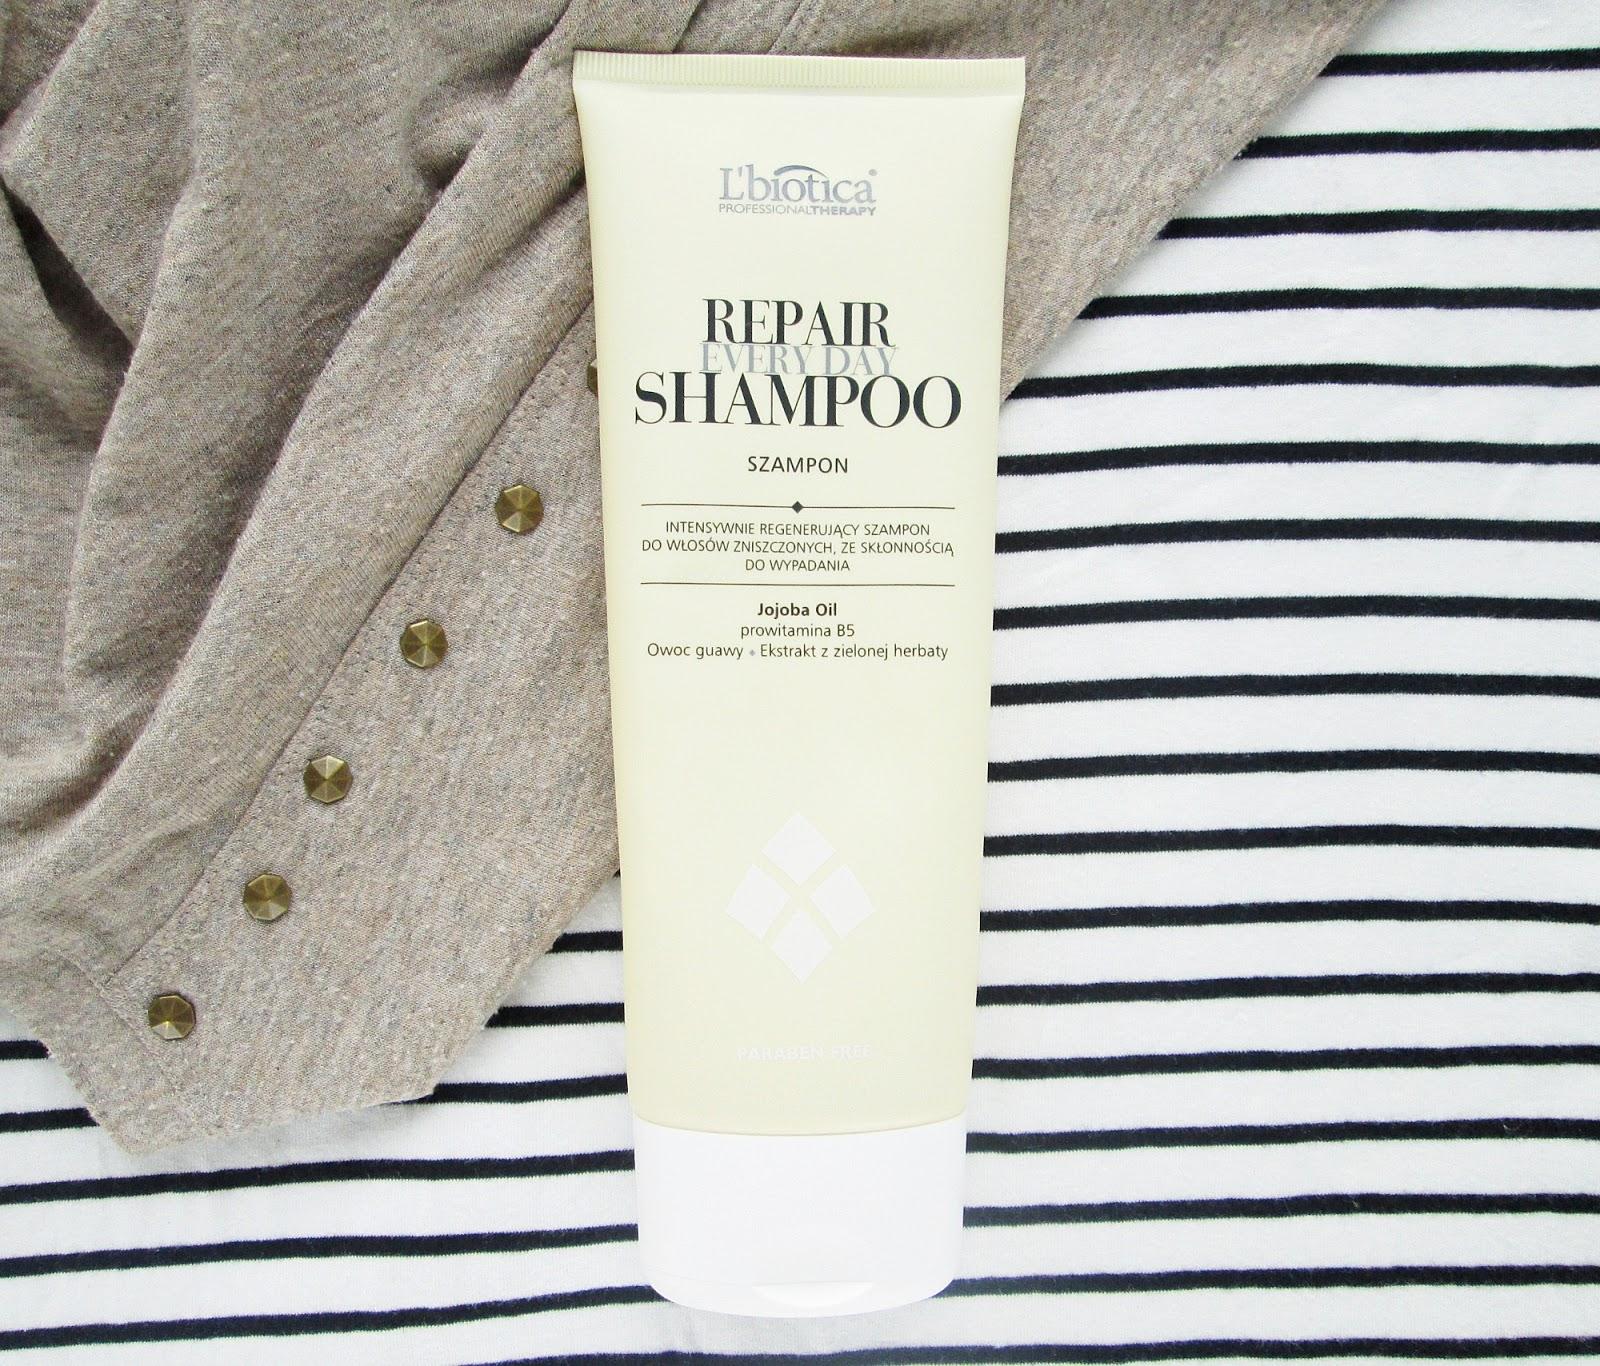 L'biotica Repair szampon